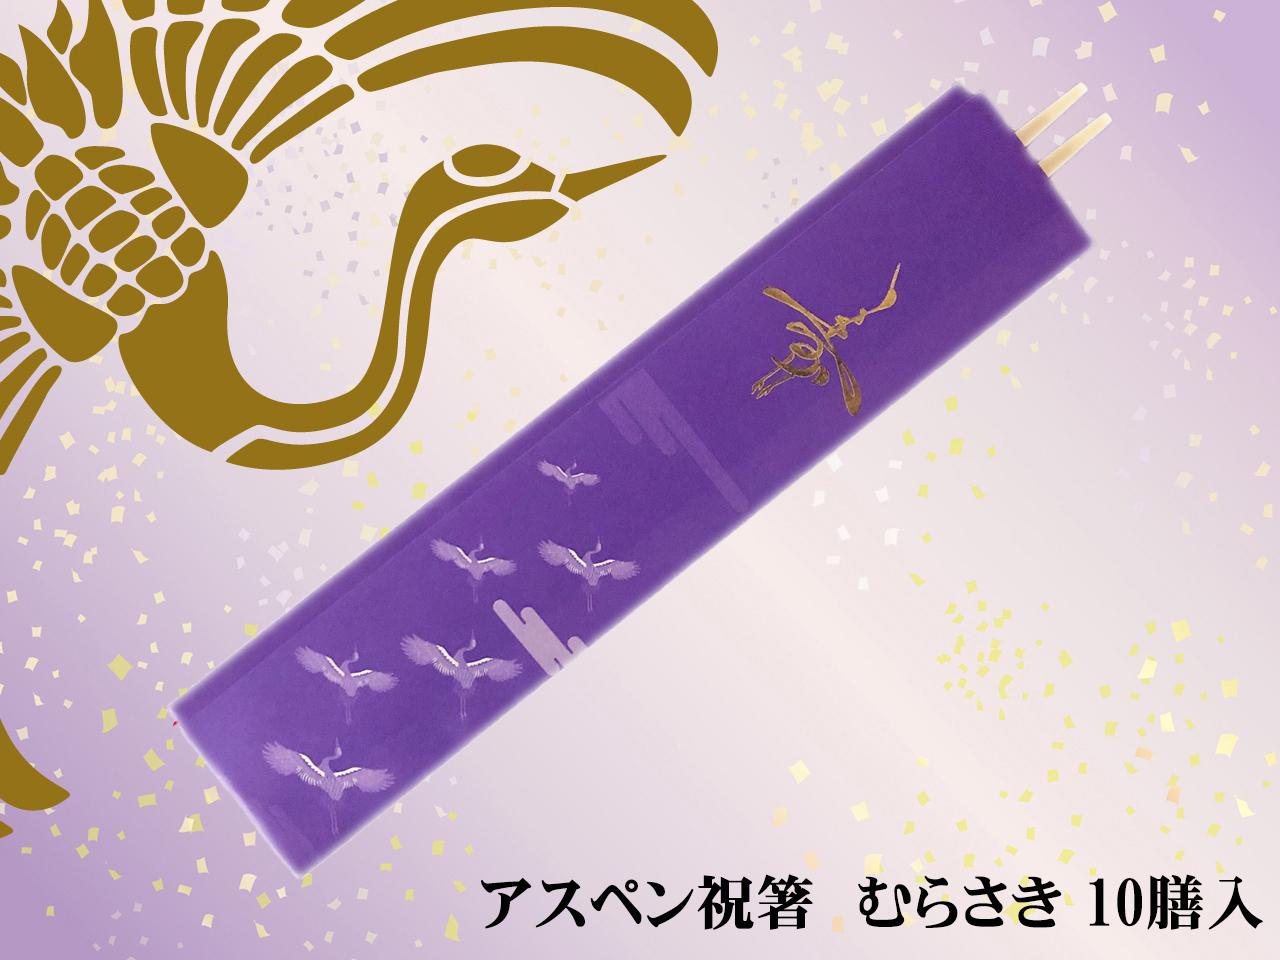 お買い得な輸入の割り箸 「アスペン祝箸 むらさき10膳」 ポストIN発送対応商品 古希や喜寿のお祝いに最適です。